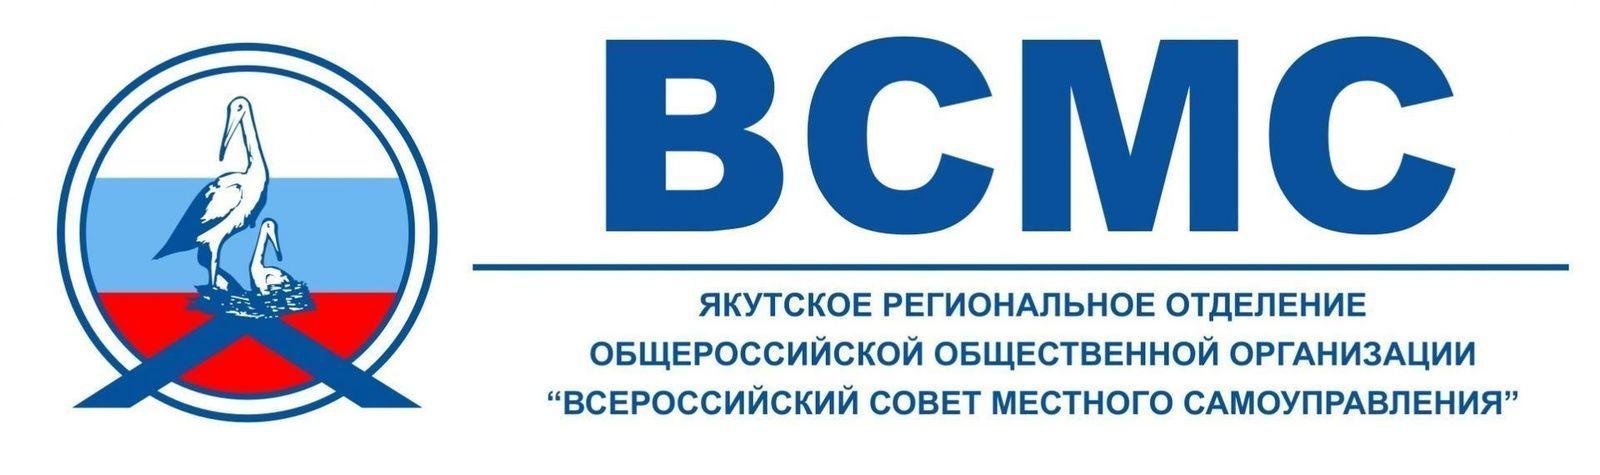 Единороссы Ил Тумэн подписали соглашение с ВСМС